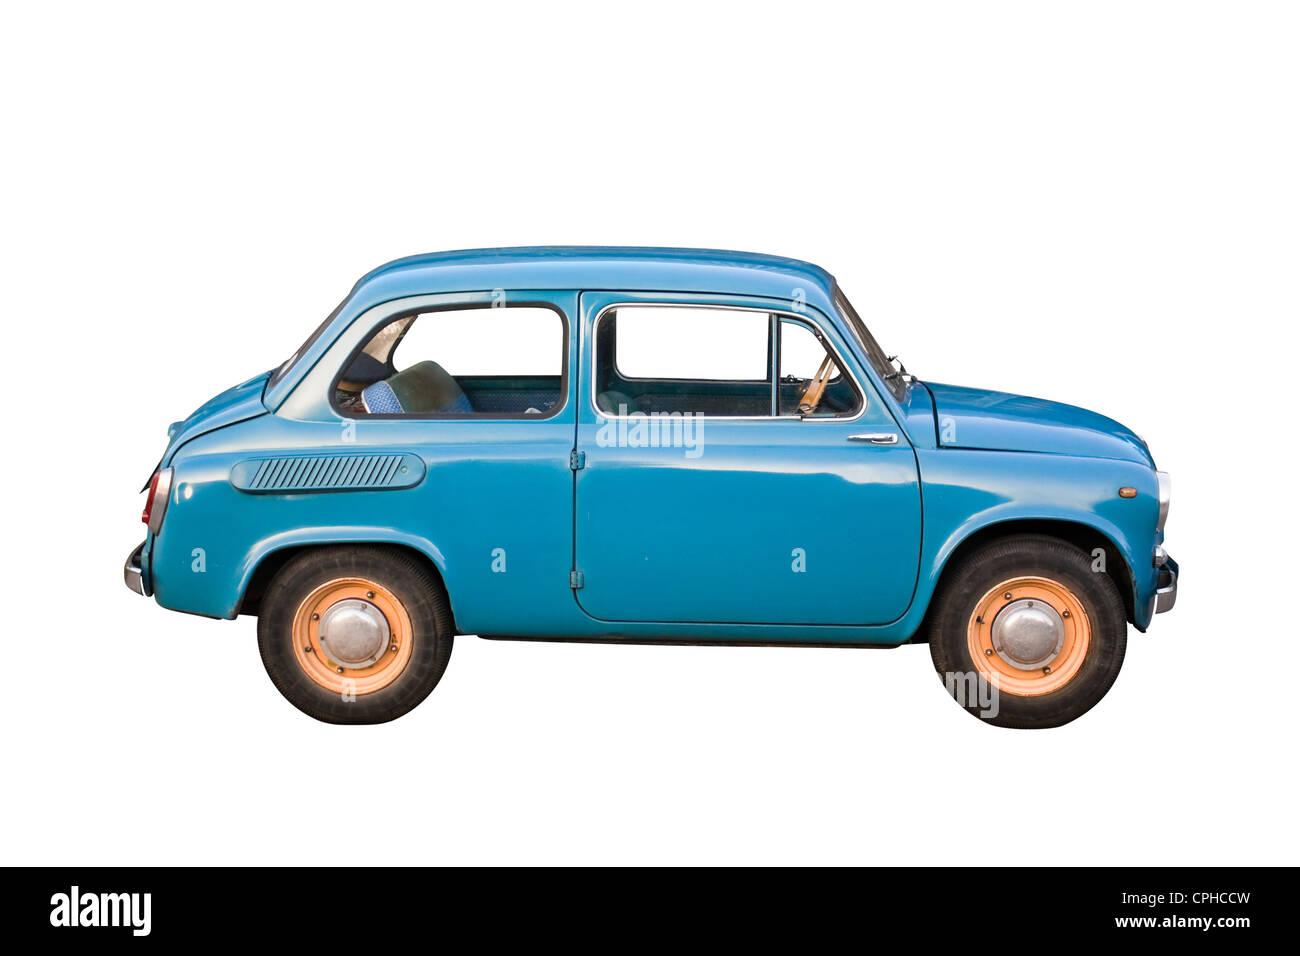 Blue ultracompatto che sta vecchia sovietico-timer auto isolati su sfondo bianco Immagini Stock